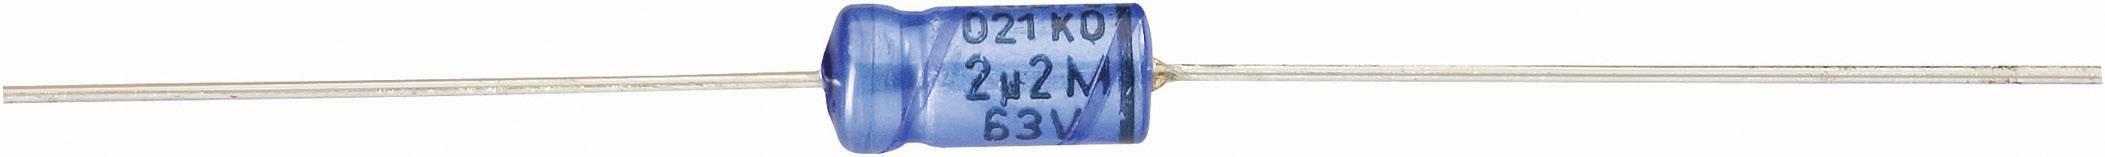 Elektrolytický kondenzátor Vishay 2222 021 15102, axiálne vývody, 1000 µF, 16 V, 20 %, 1 ks